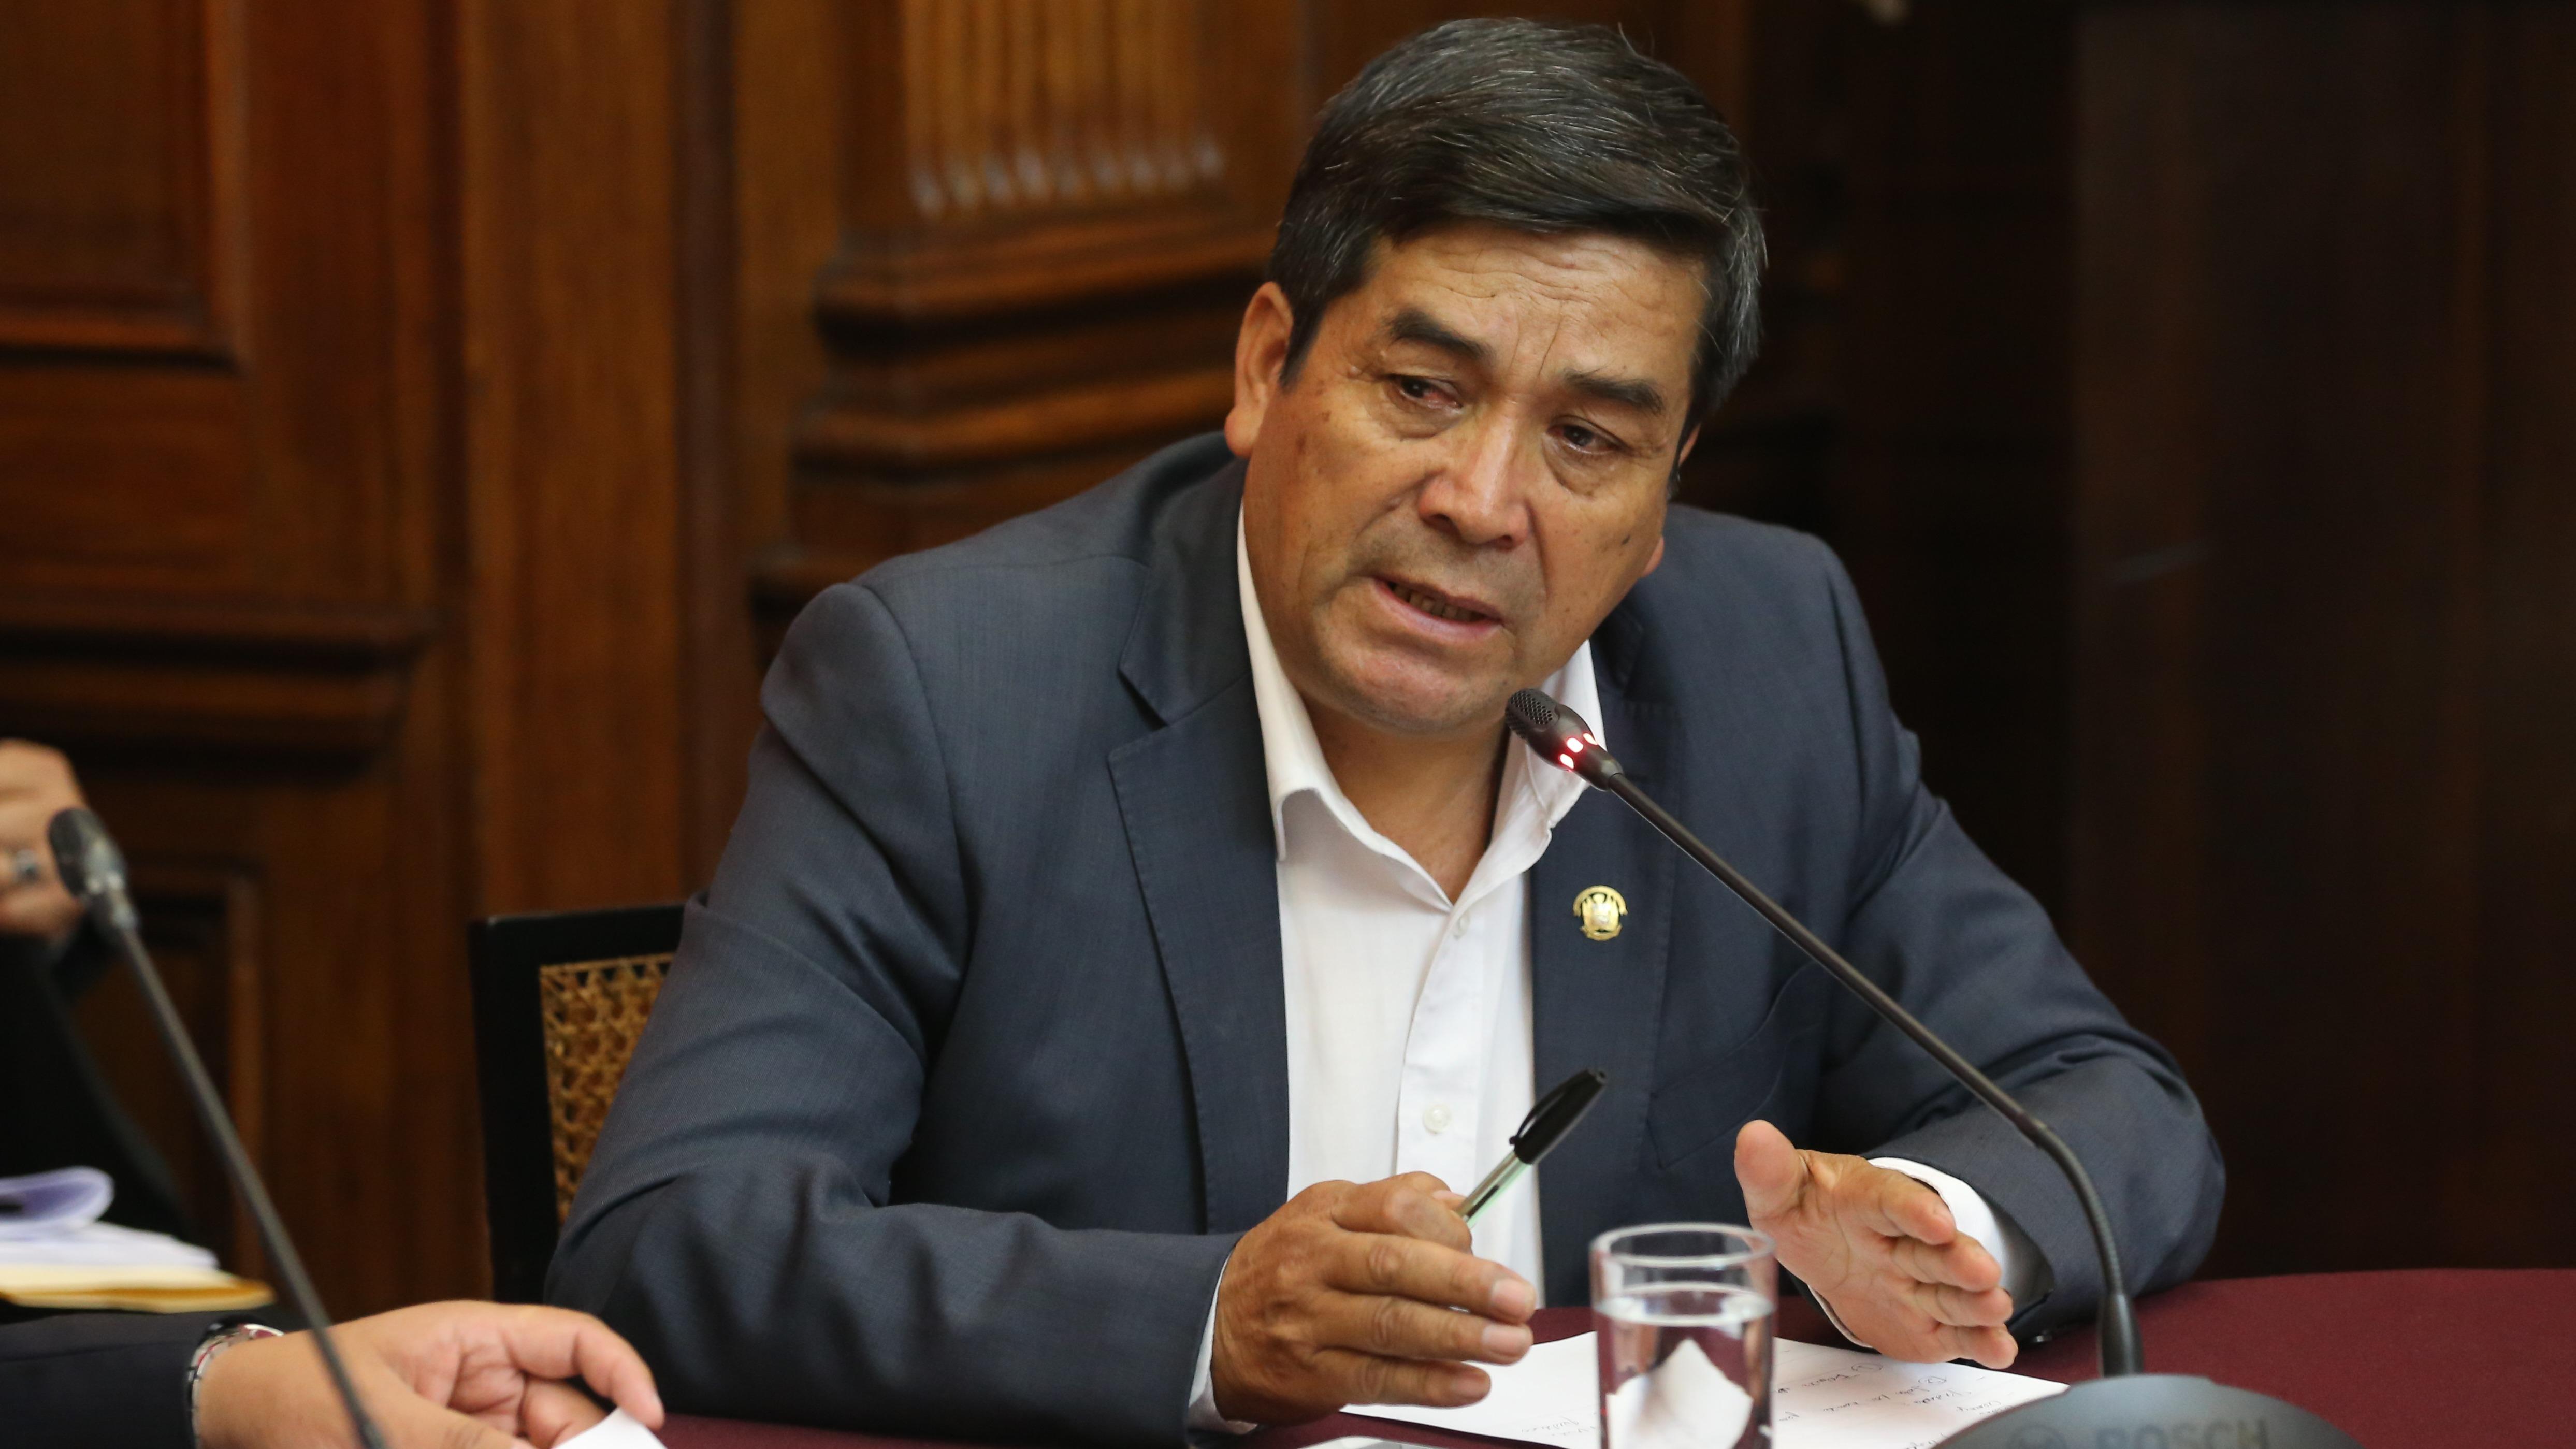 El congresista Benicio Ríos representa a la región Cusco y pertenece a la bancada de Alianza para el Progreso